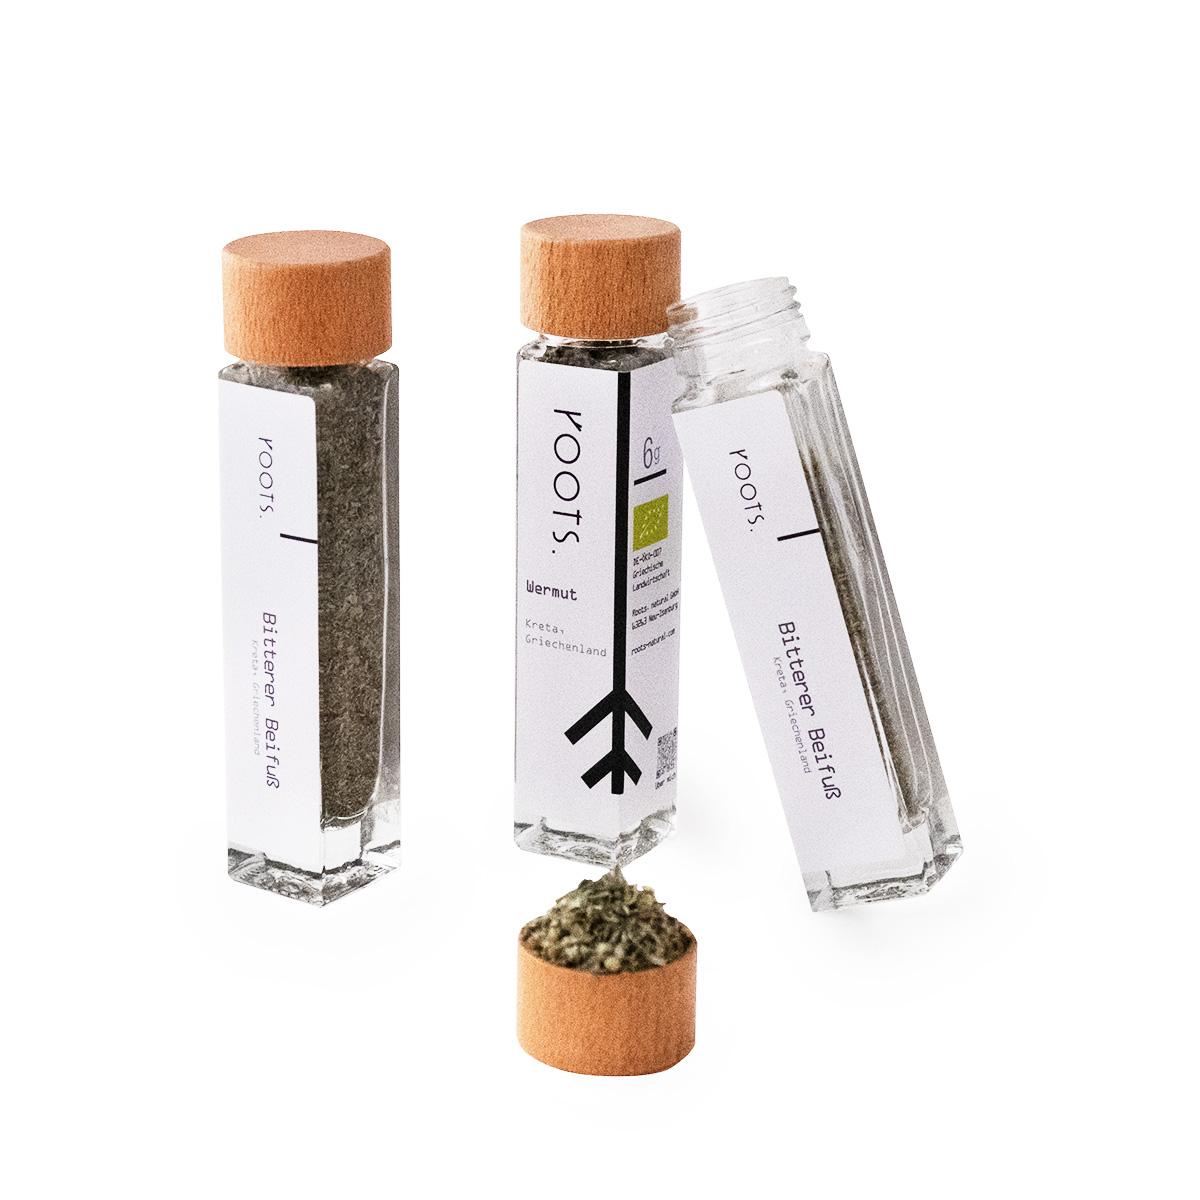 Wermut bio kaufen im schönen Gewürz-Glas von roots natürlich und direkt aus Kreta